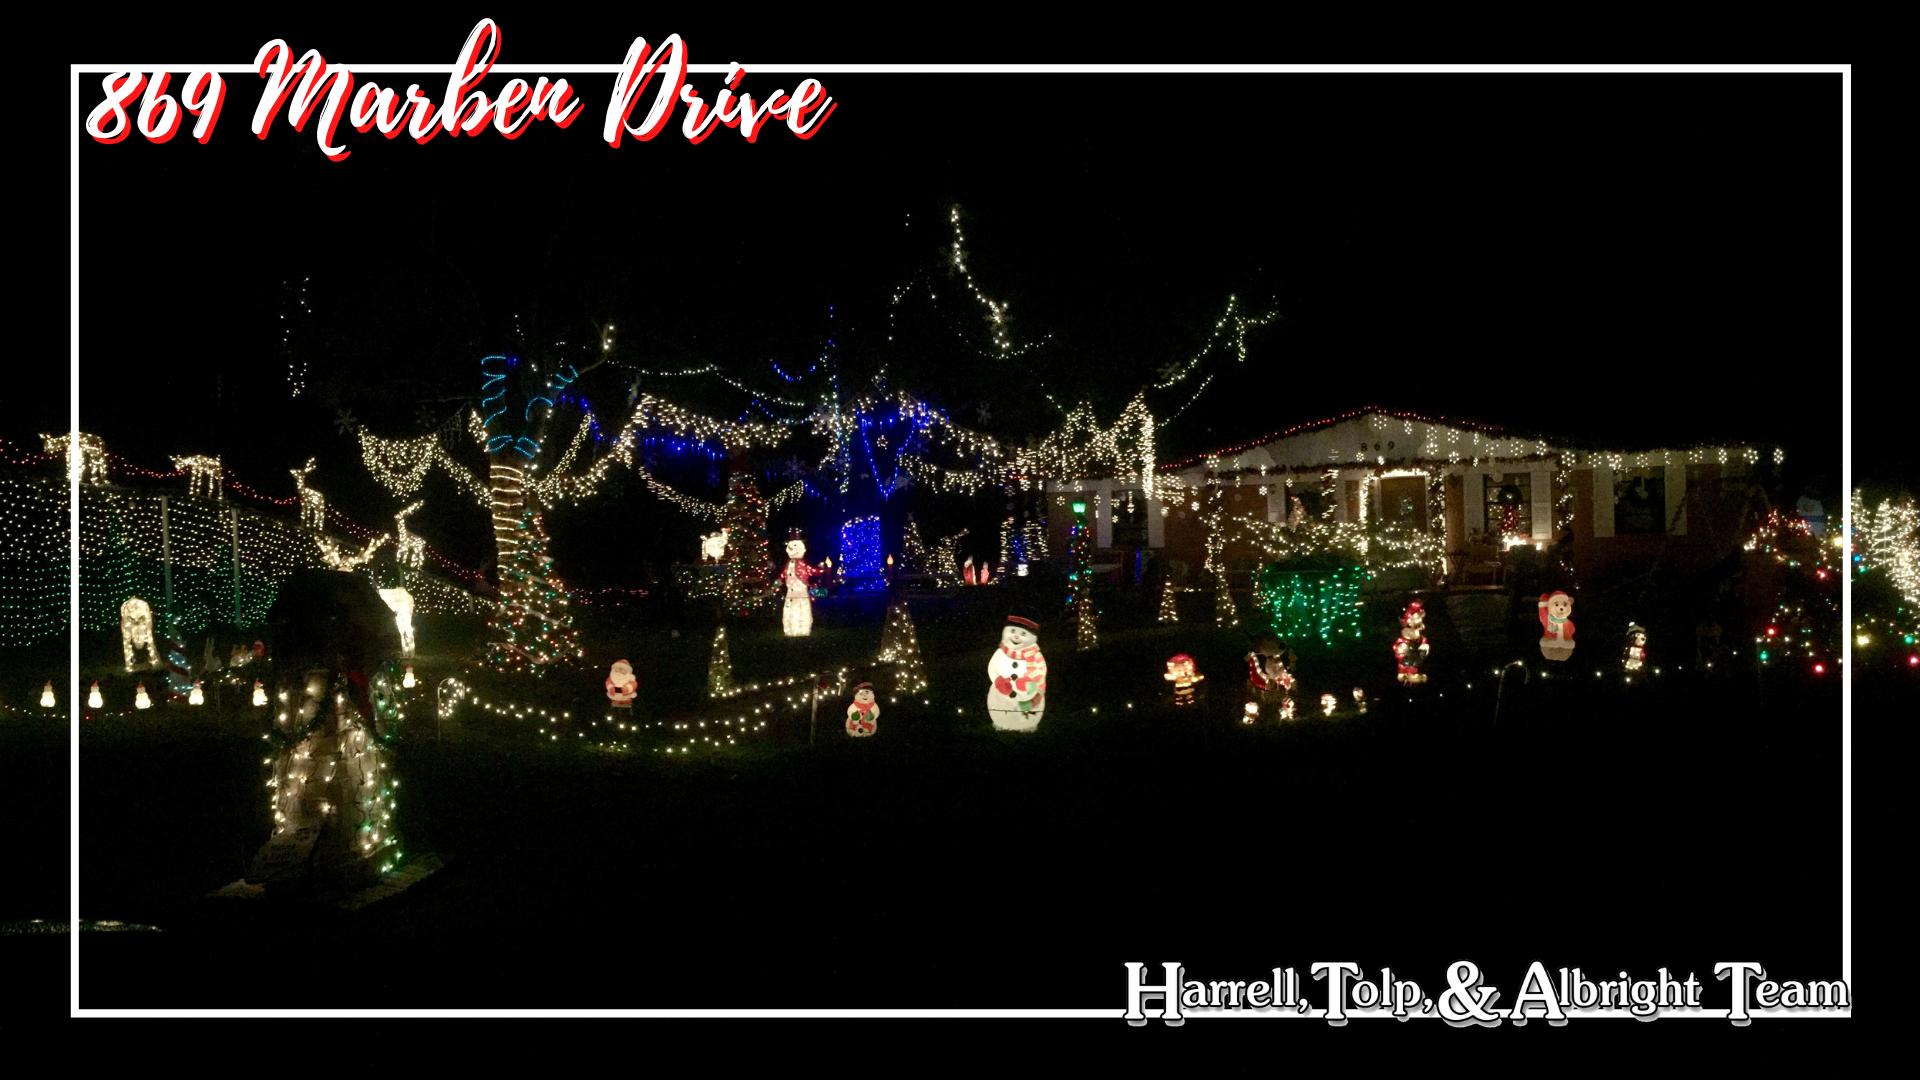 869 Marben Drive